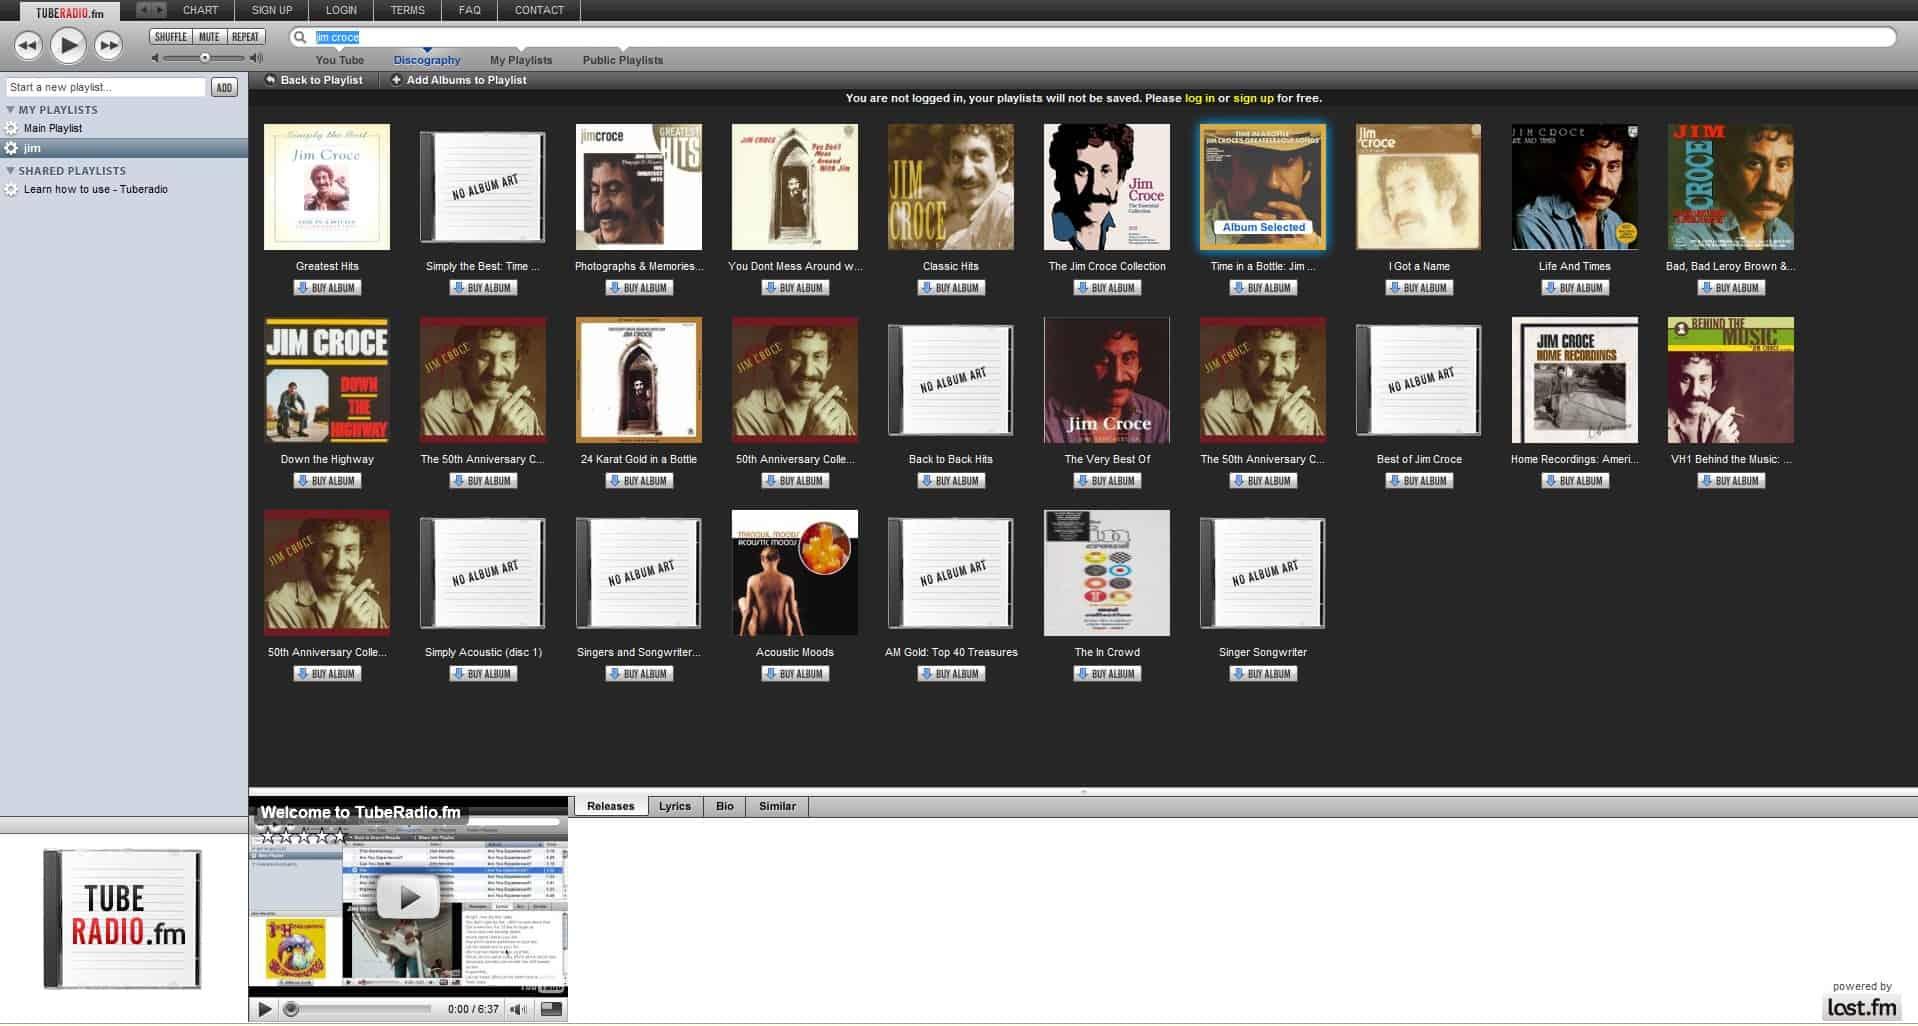 tuberadio albums